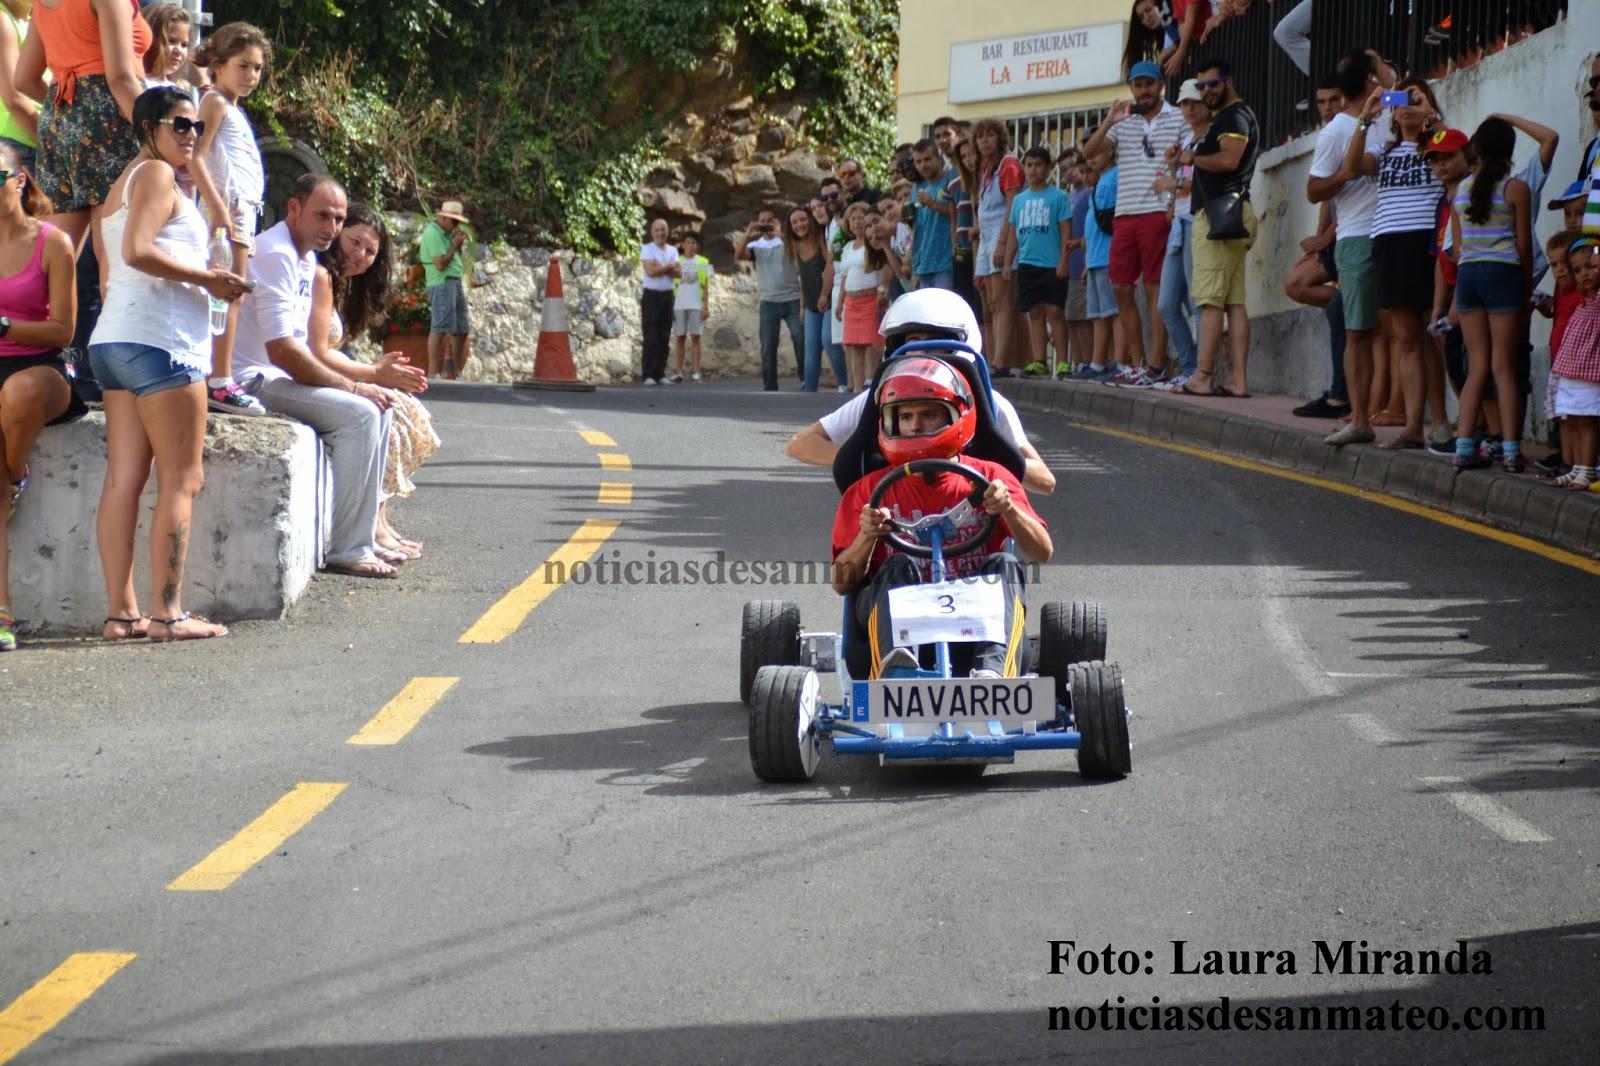 Carrera de carretones San Mateo 13 de septiembre de 2014 Foto Laura Miranda Noticias de San Mateo 2